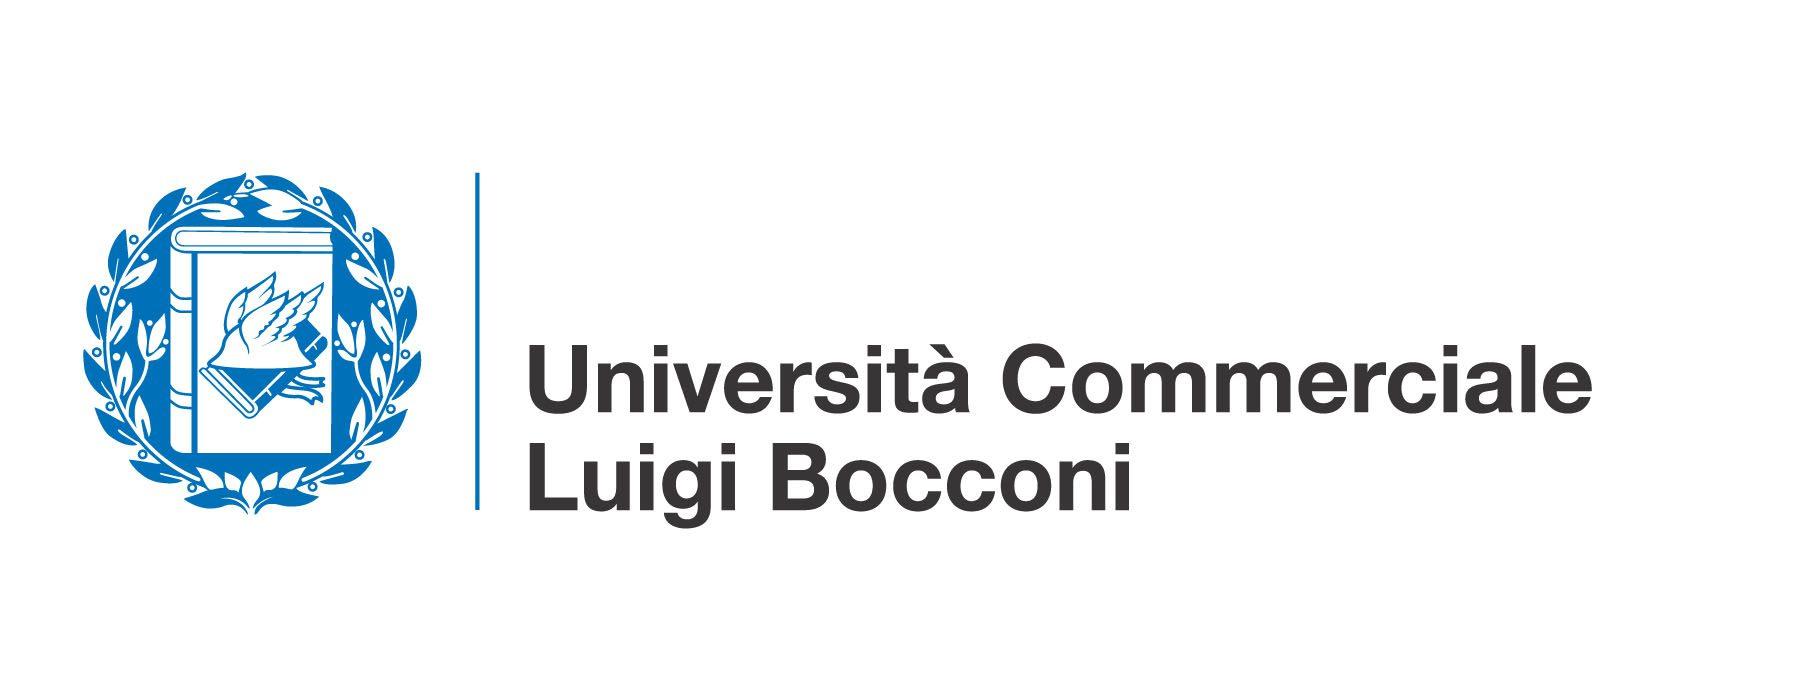 University of Bocconi